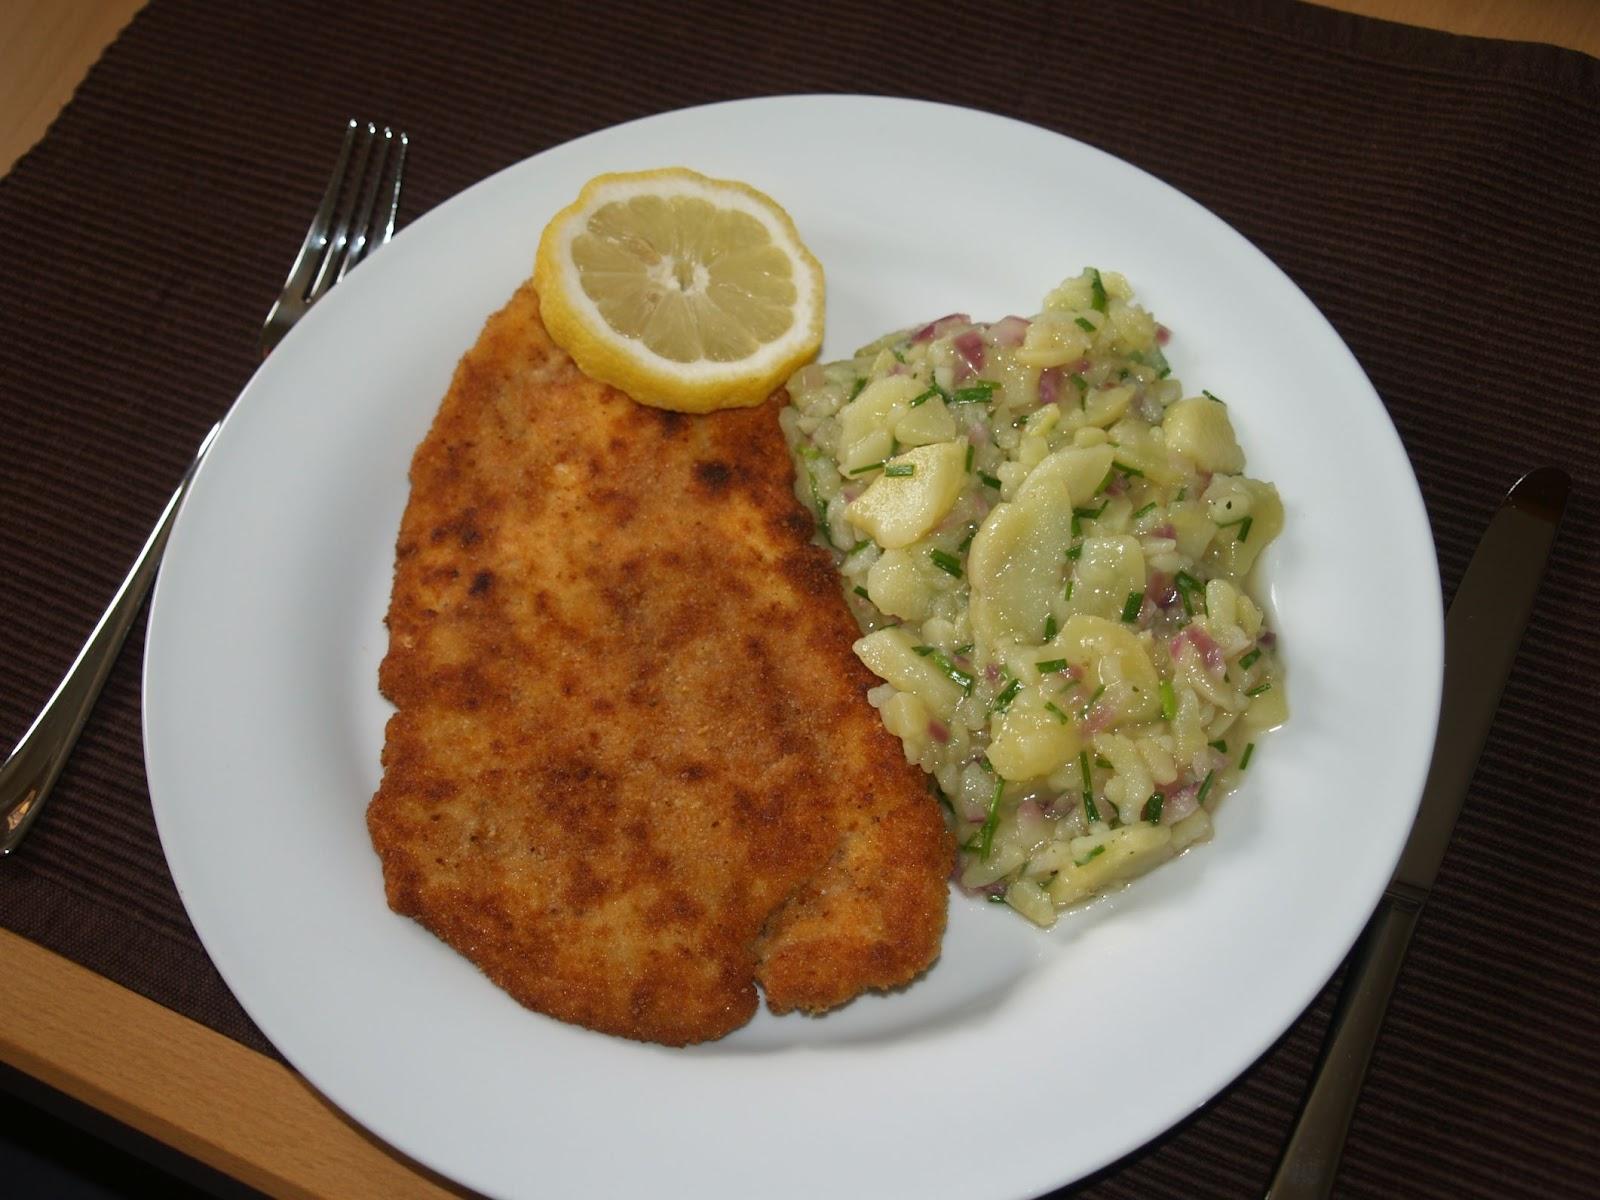 Maschensalat: Gerichte der letzten Woche/Meals of the last ...